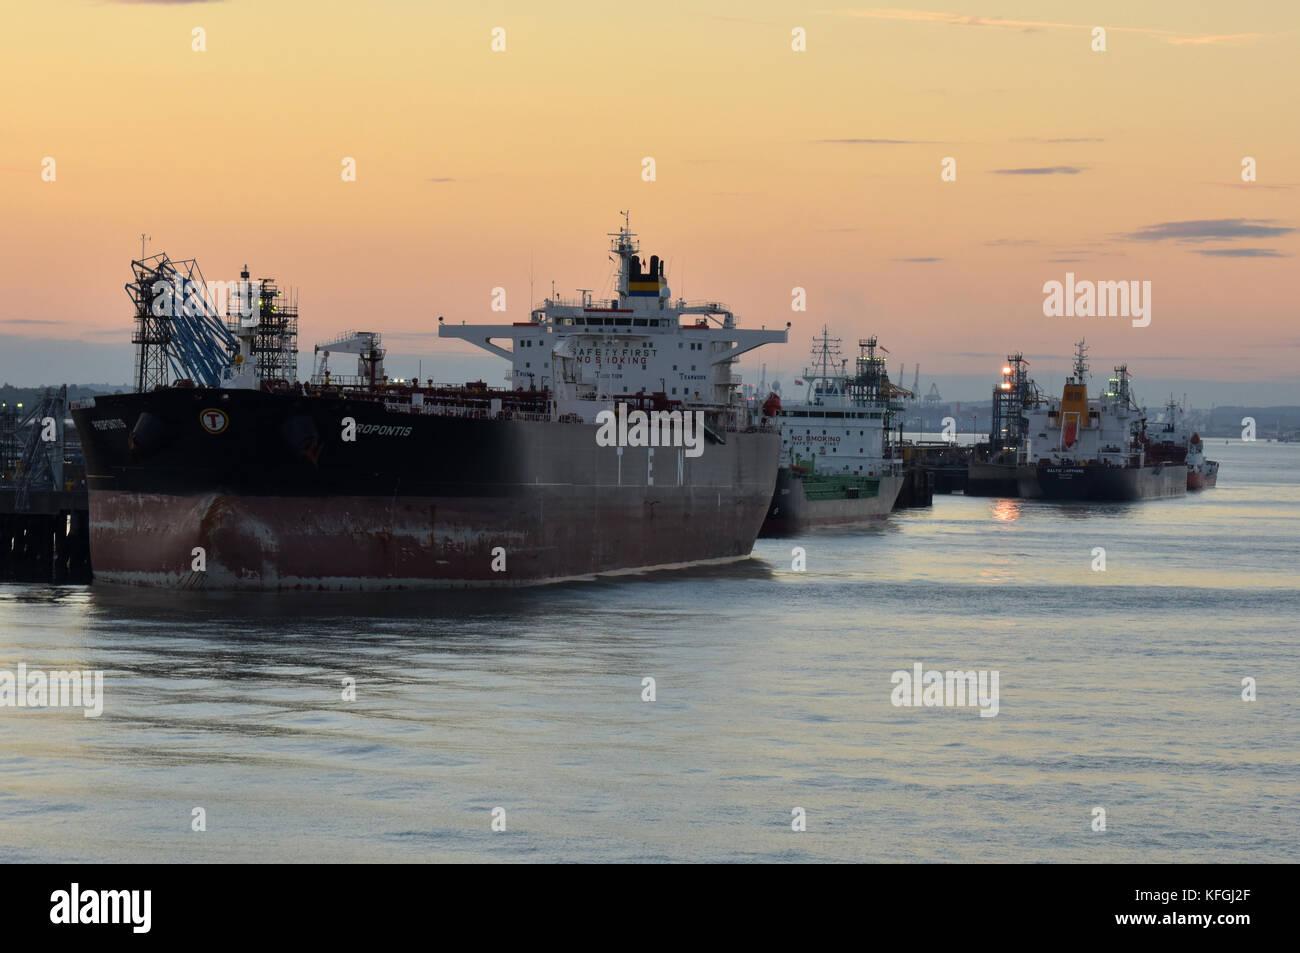 Très grands pétroliers et gaziers aux côtés des navires au terminal maritime à fawley raffinerie sur le bord de l'eau southampton débarqué du pétrole brut. Banque D'Images